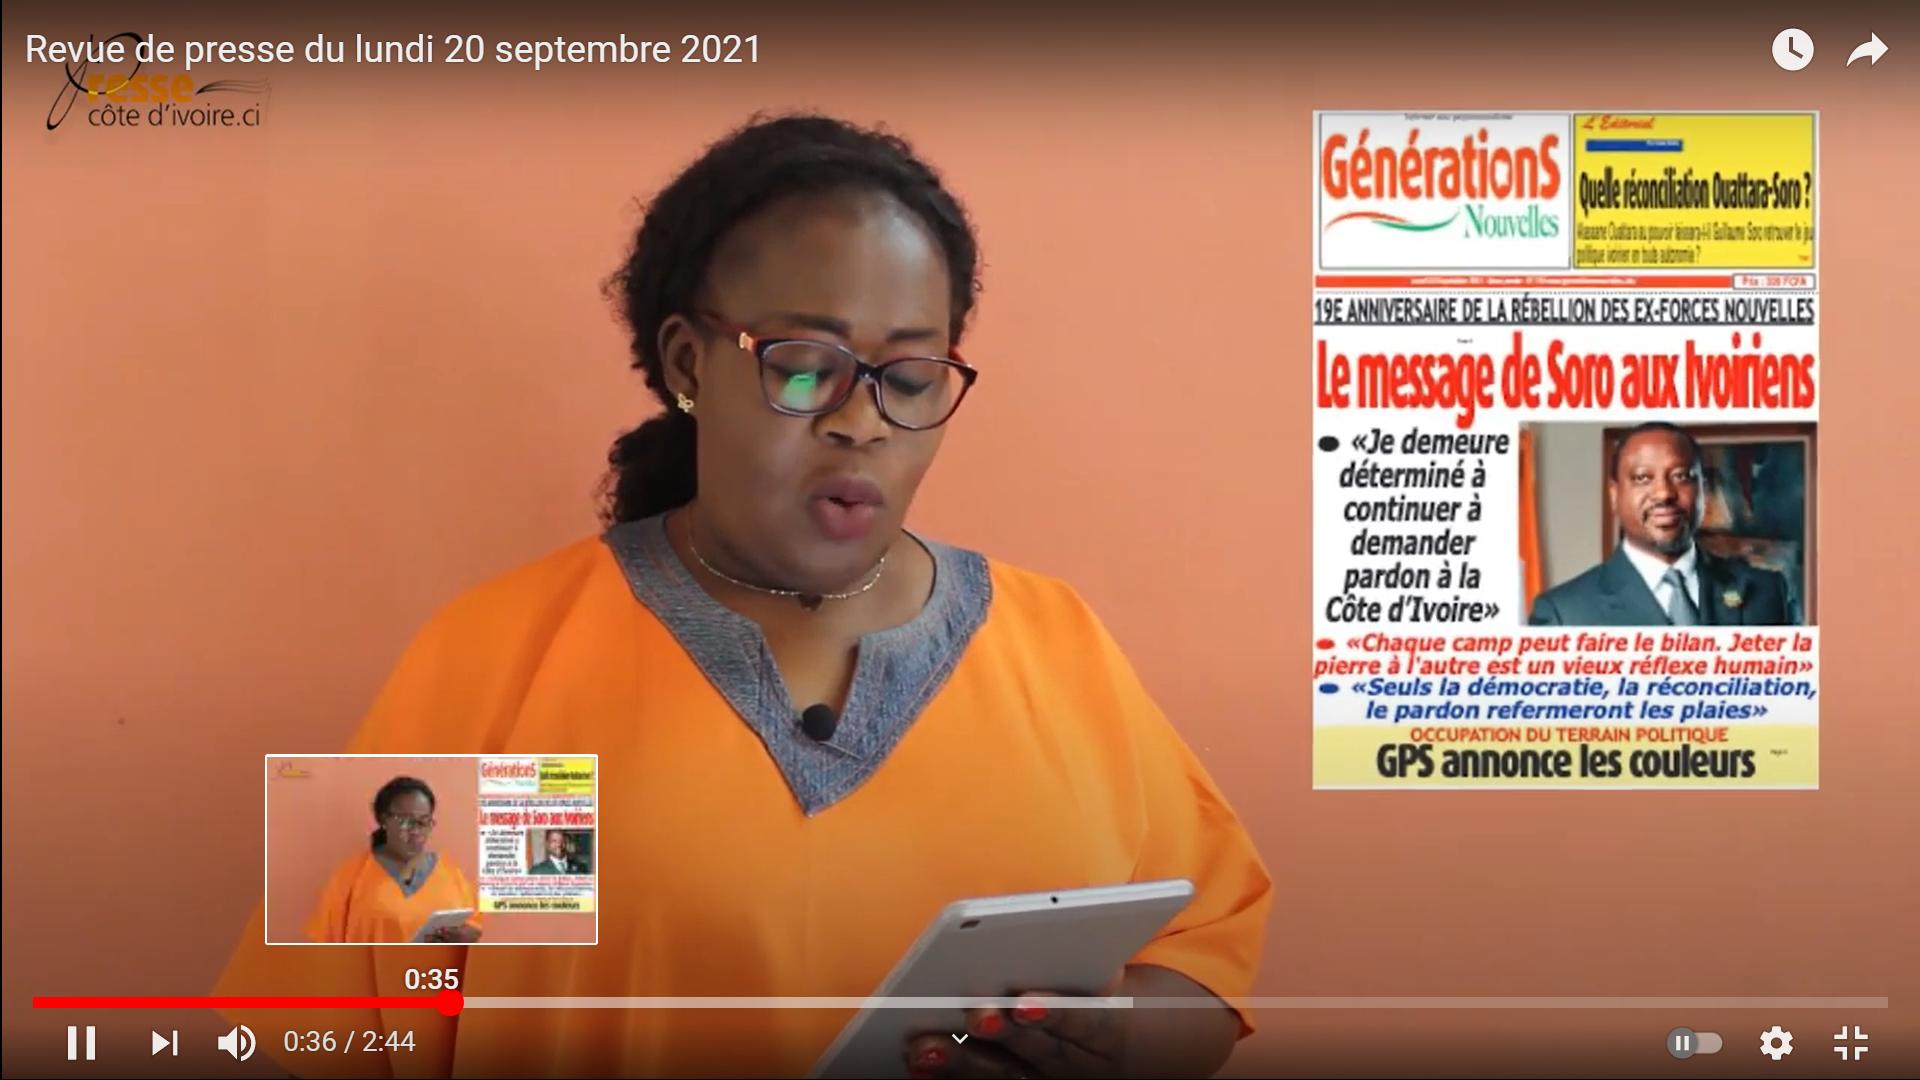 revue-de-presse-du-lundi-20-septembre-2021-video